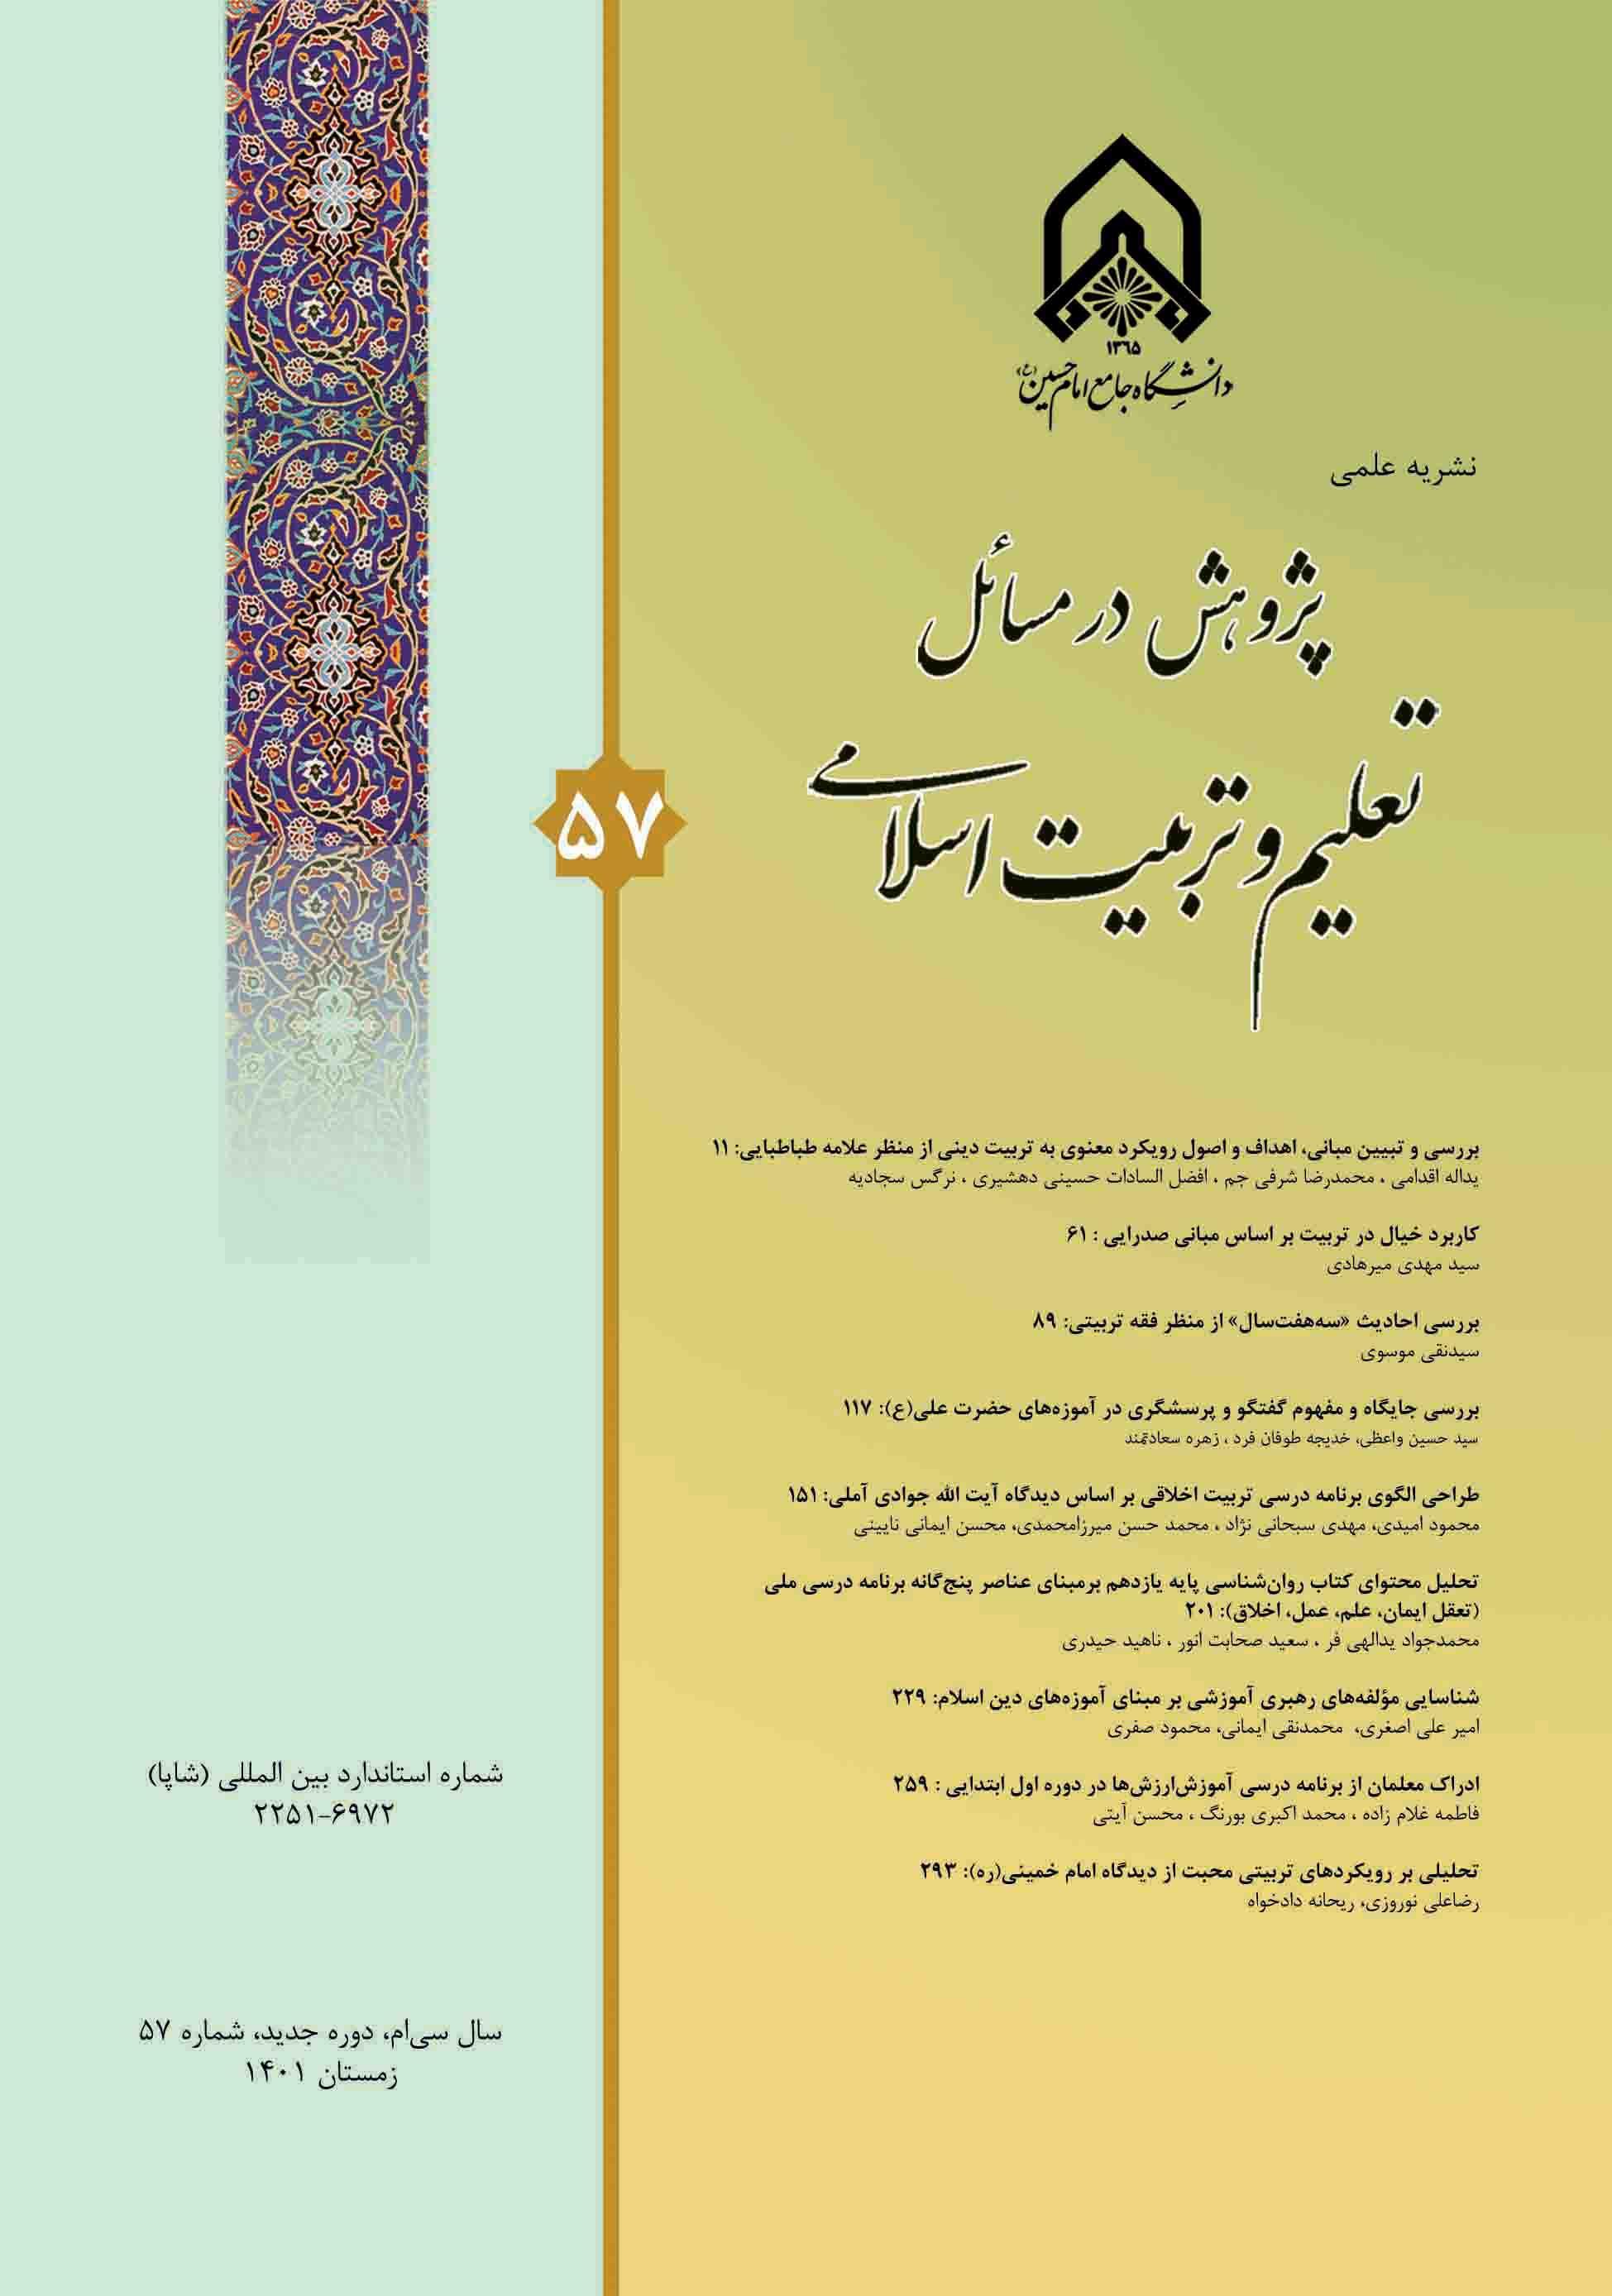 فصلنامه پژوهش در مسائل تعلیم و تربیت اسلامی